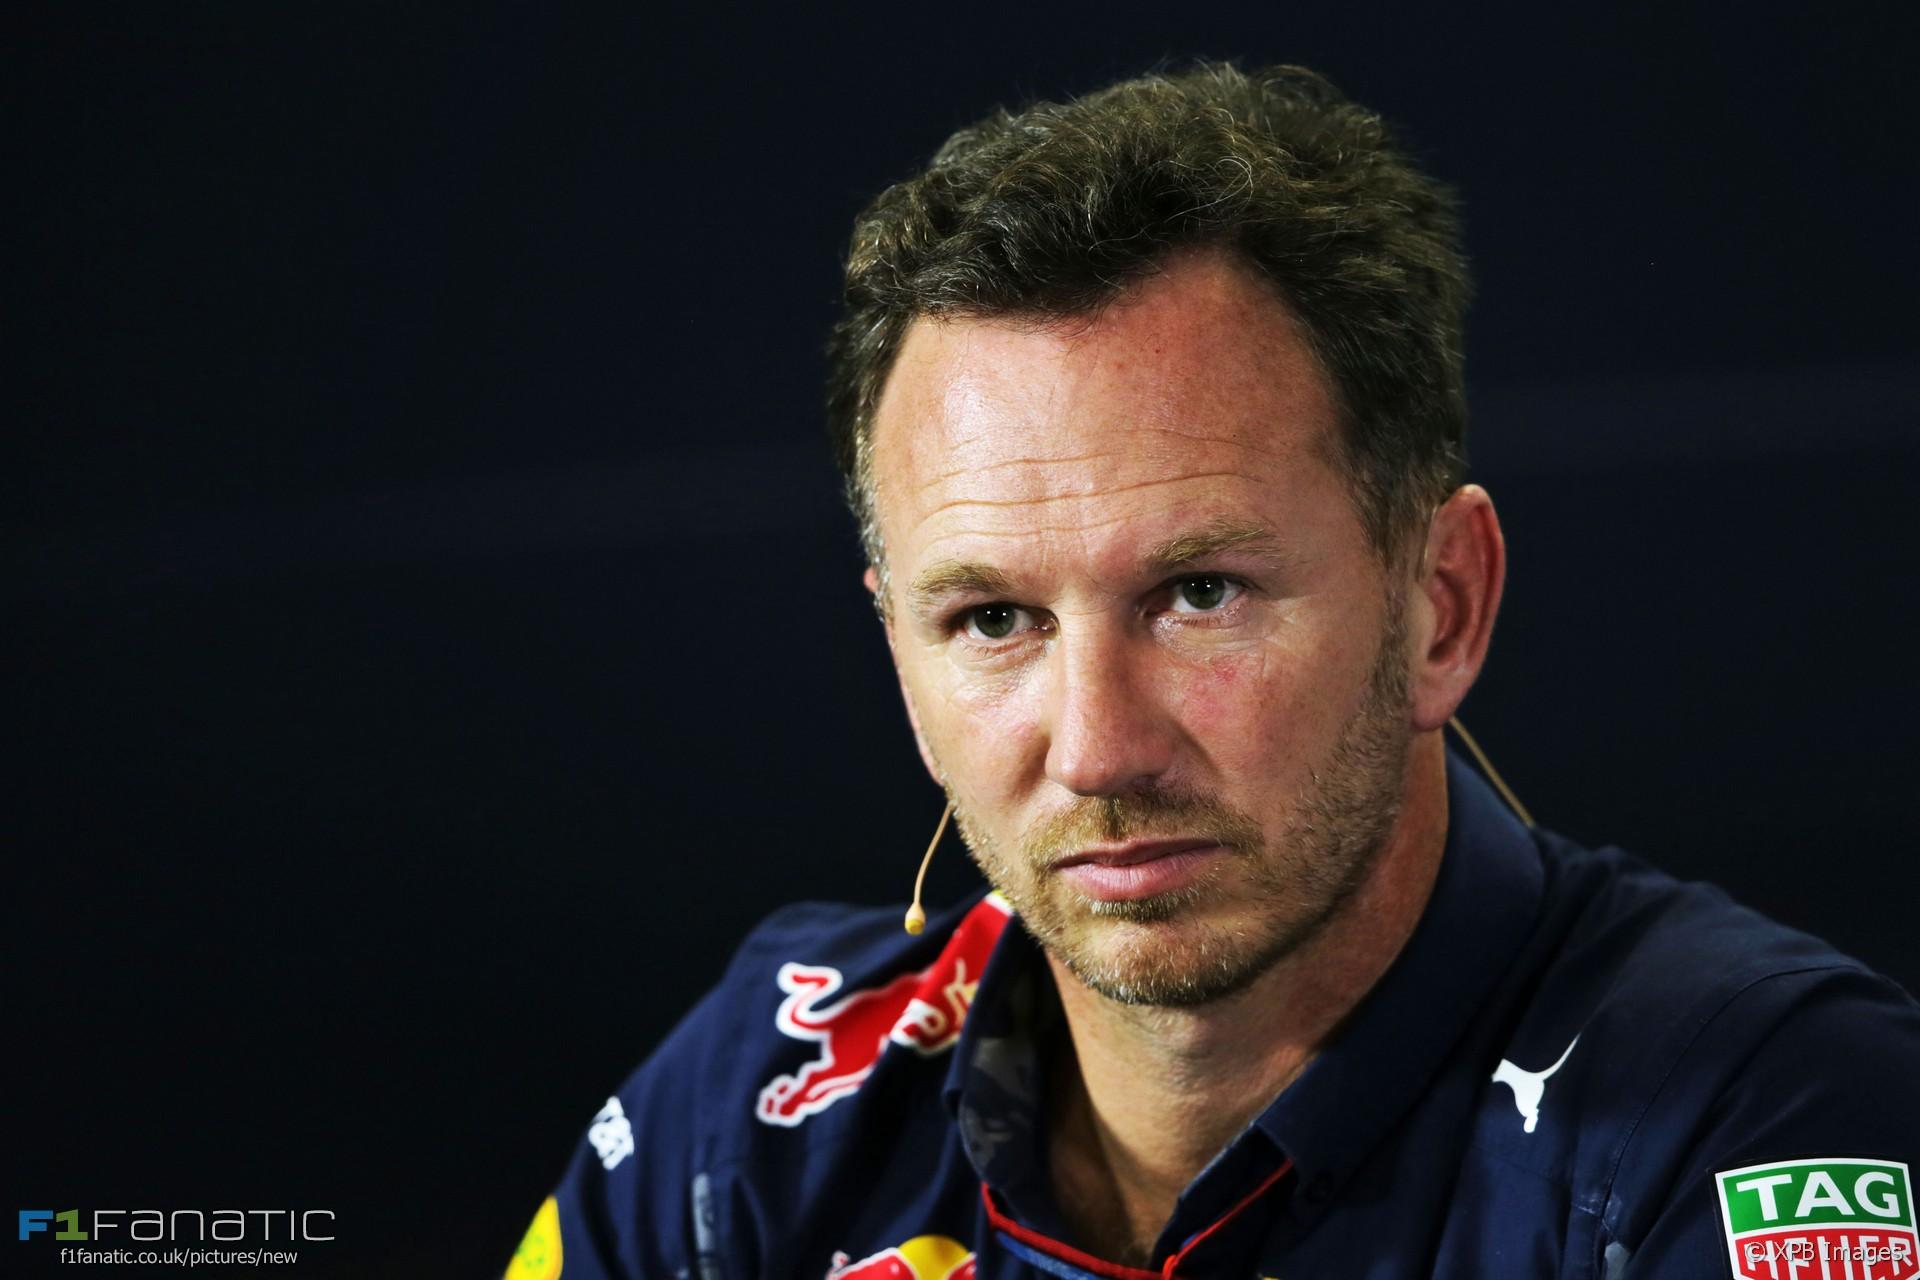 Christian Horner, Red Bull, Interlagos, 2016